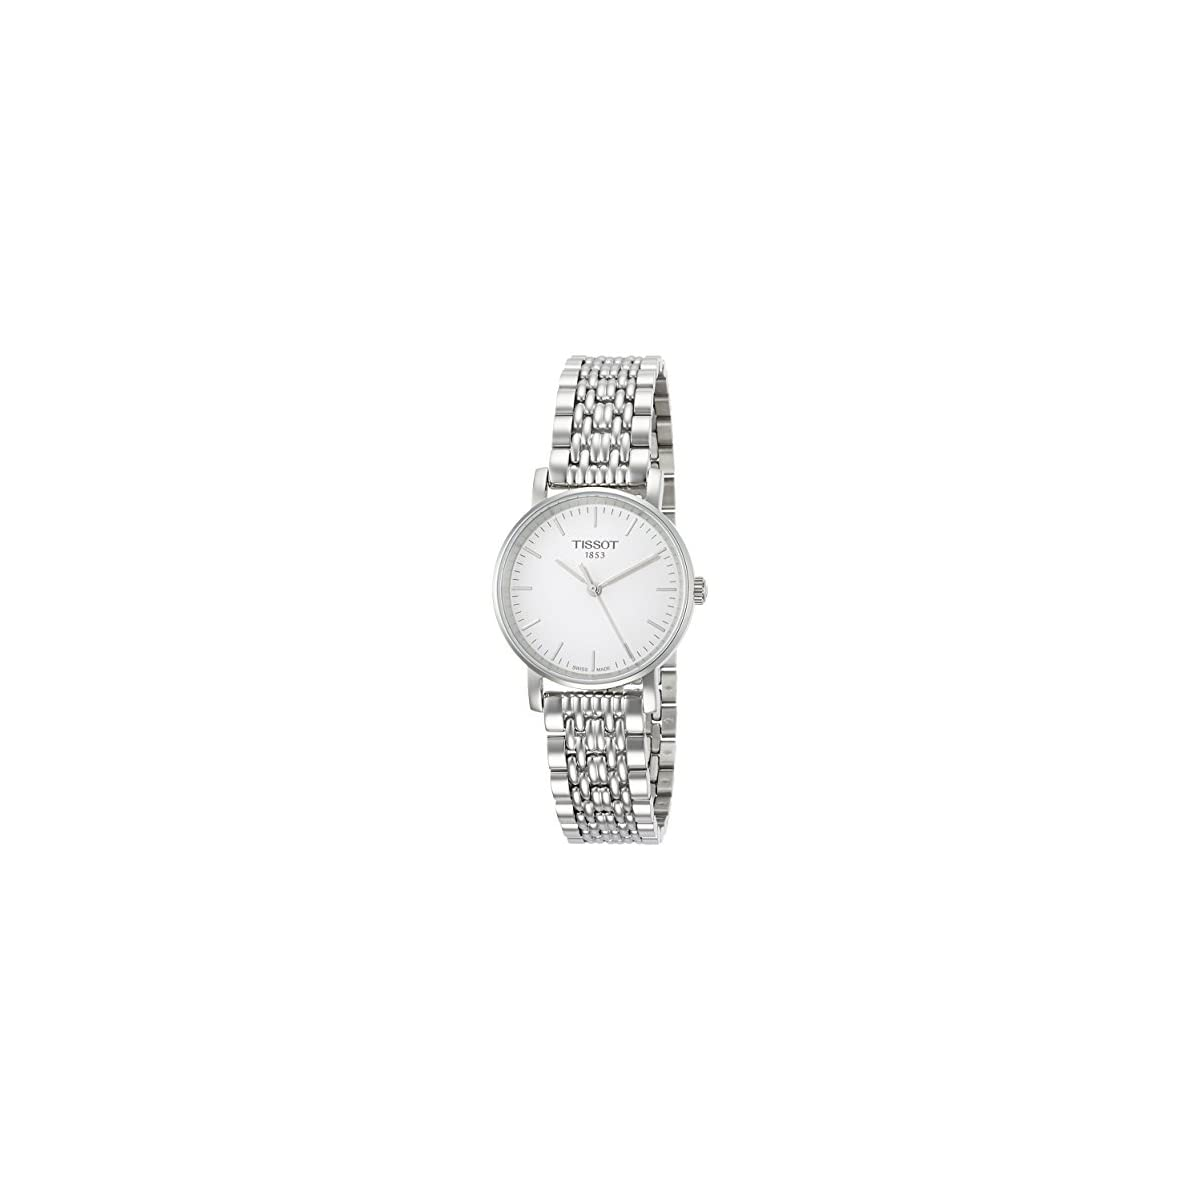 413Xl4V%2BEIL. SS1200  - Tissot Reloj Analógico para Mujer de Cuarzo con Correa en Acero Inoxidable T1092101103100